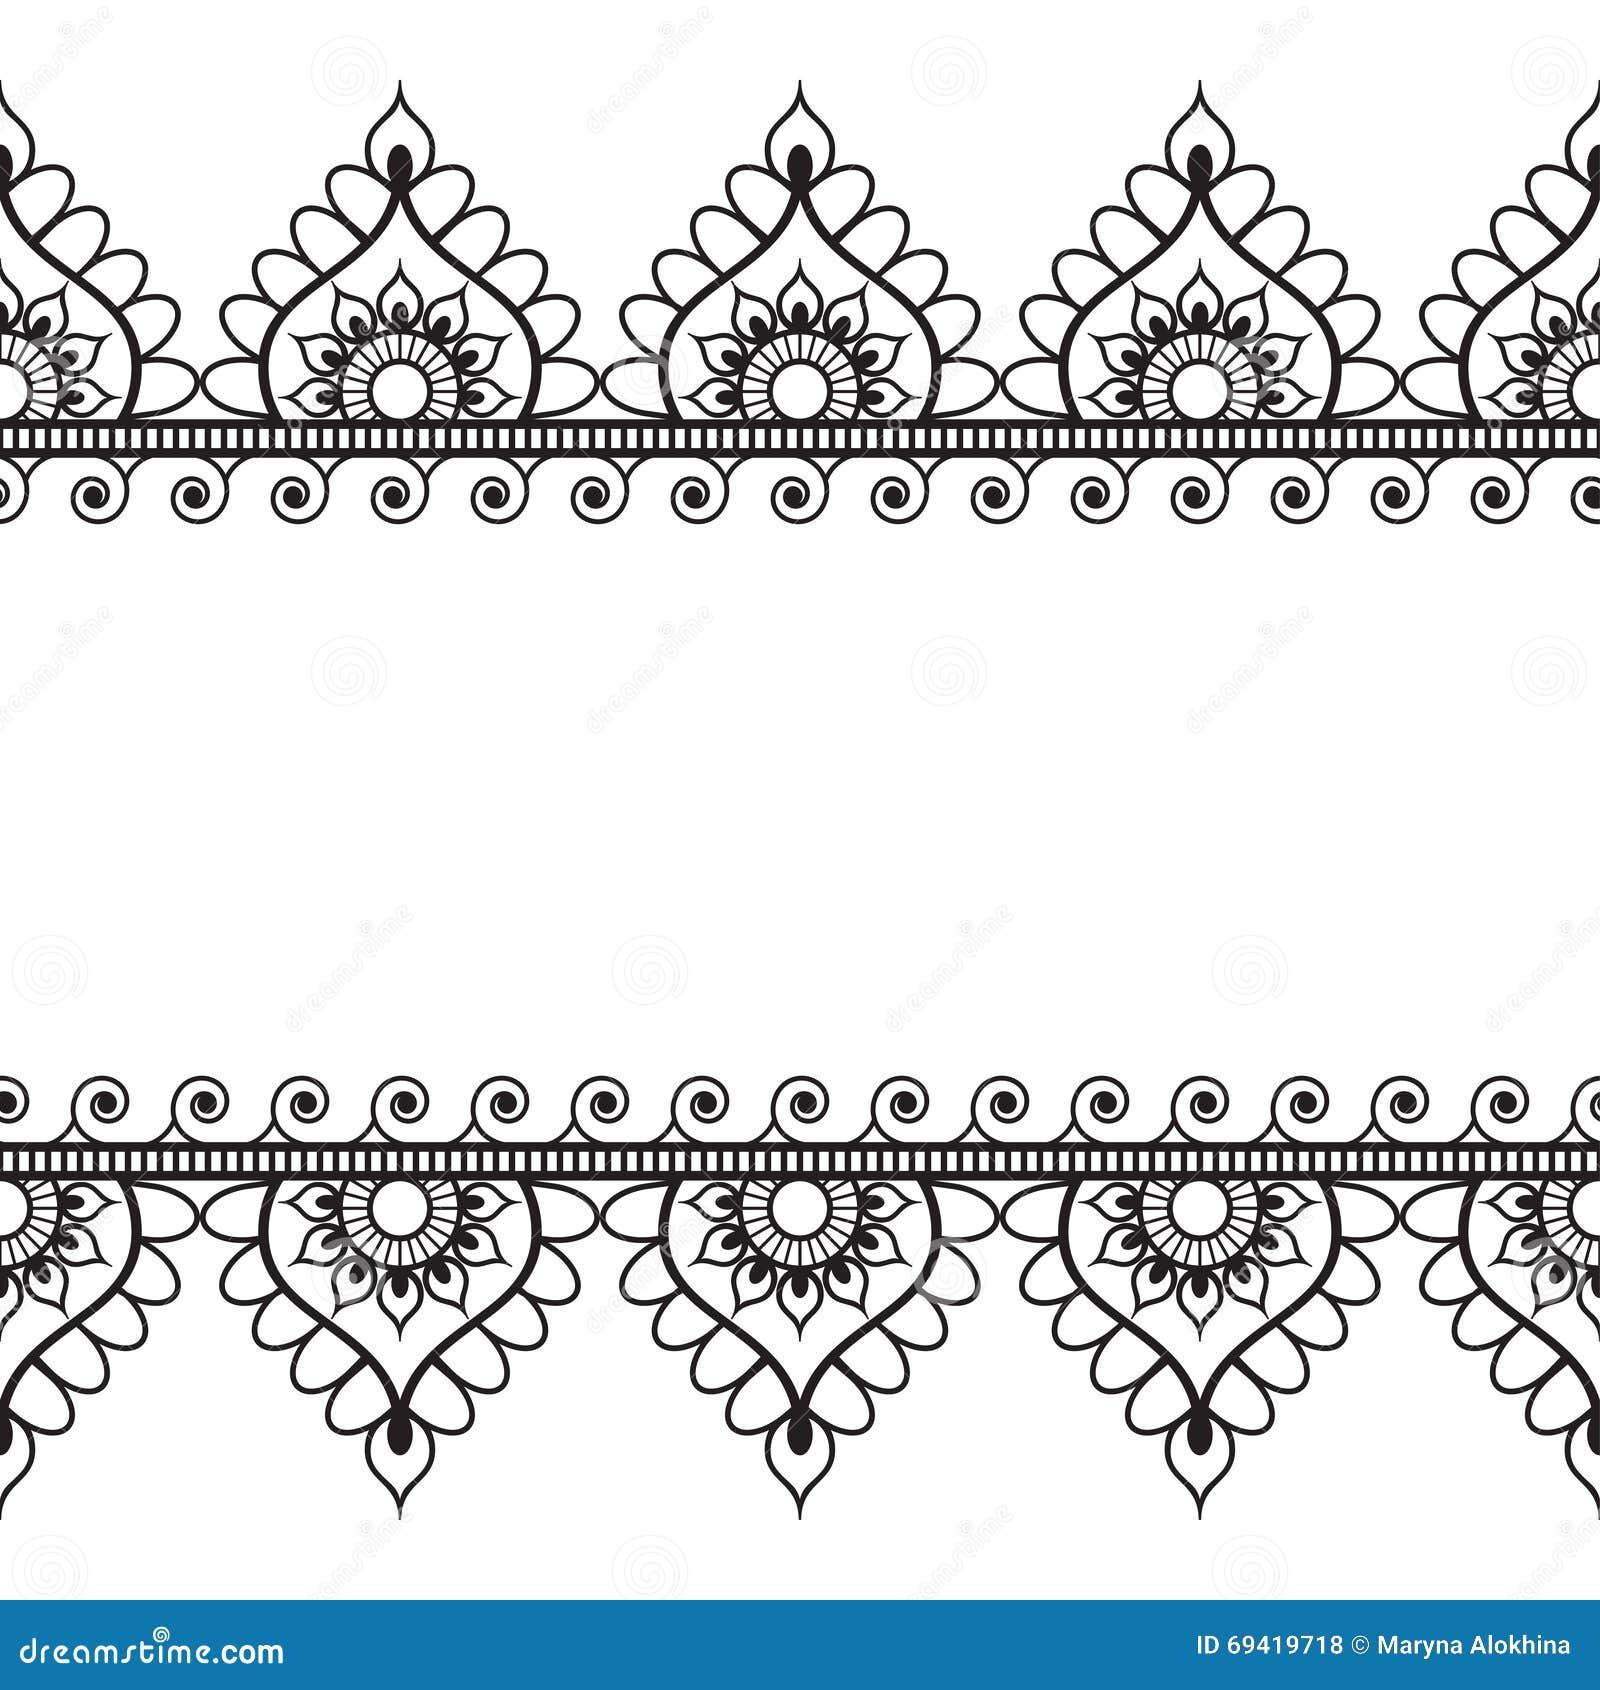 Lace Line